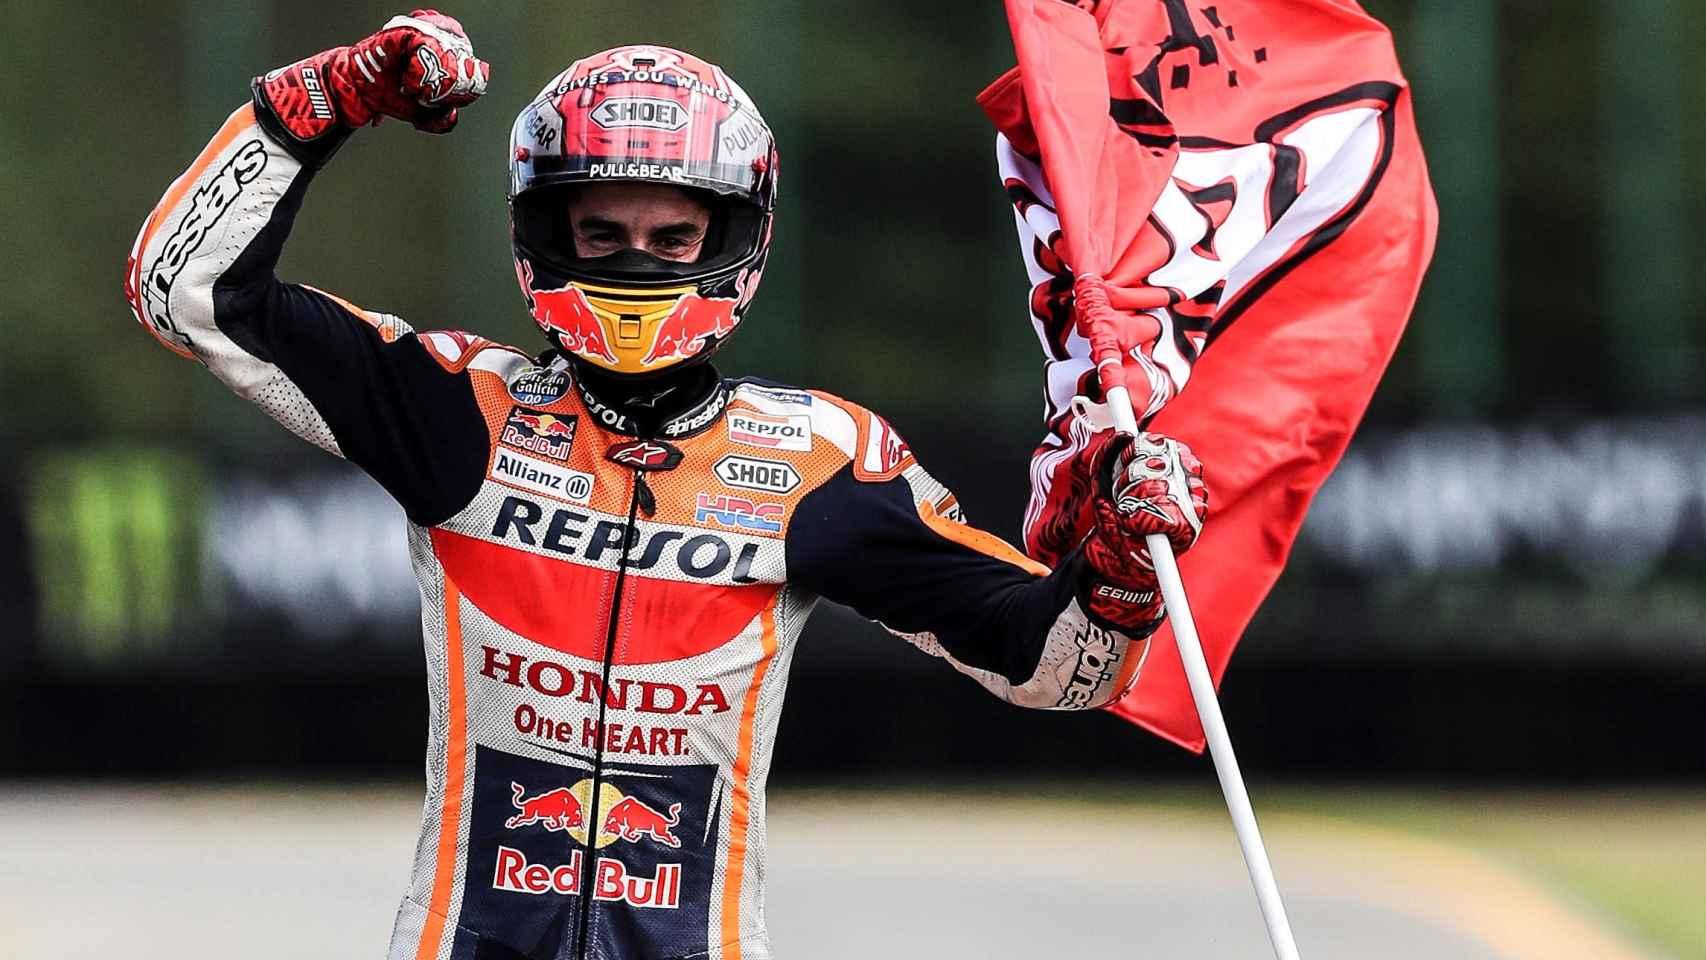 Marc Márquez celebra su victoria en el Gran Premio de la República Checa, en el circuito de Brno.